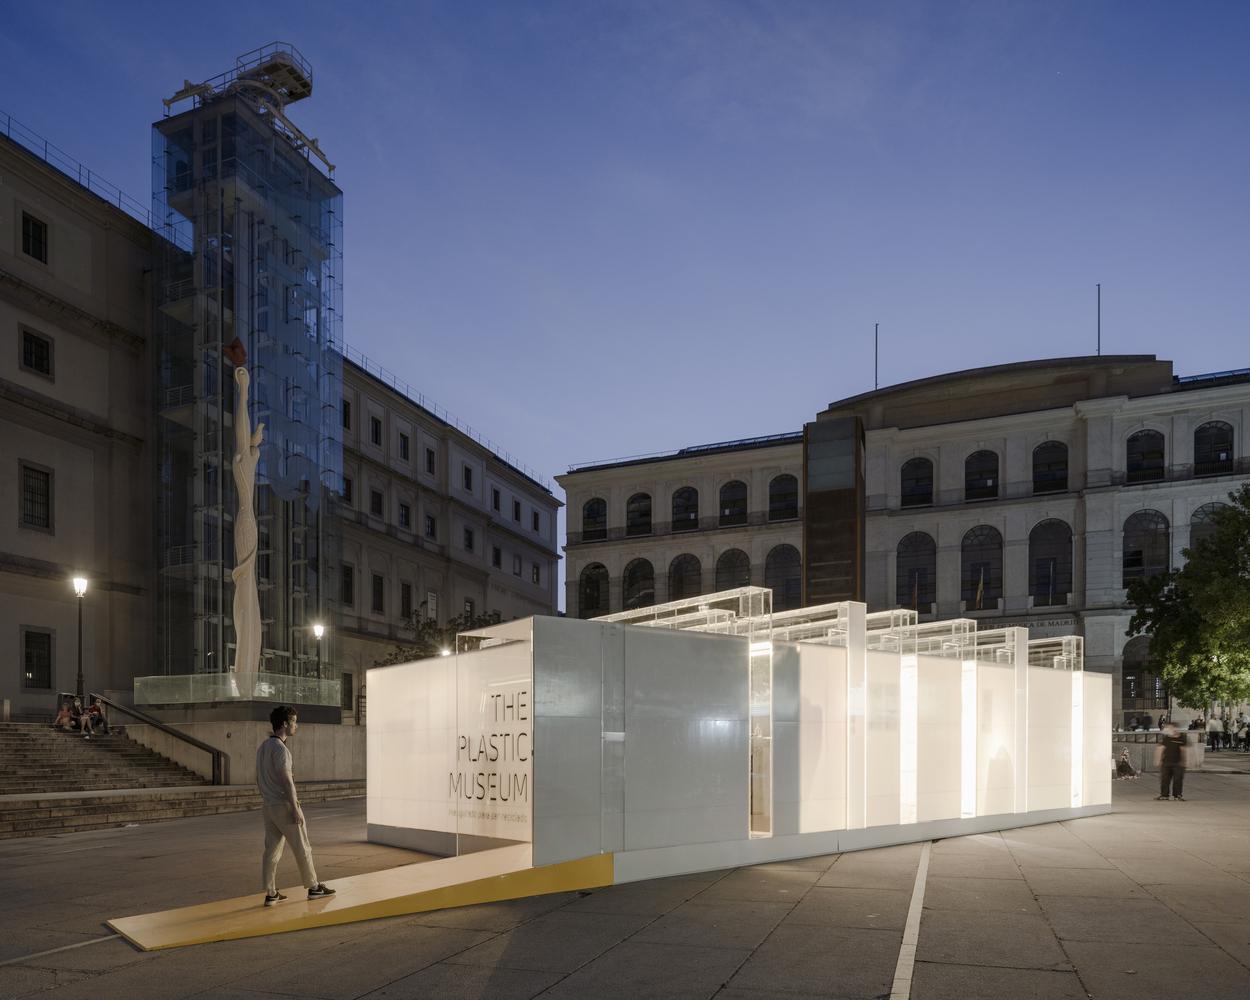 У Мадриді відкрився музей пластику